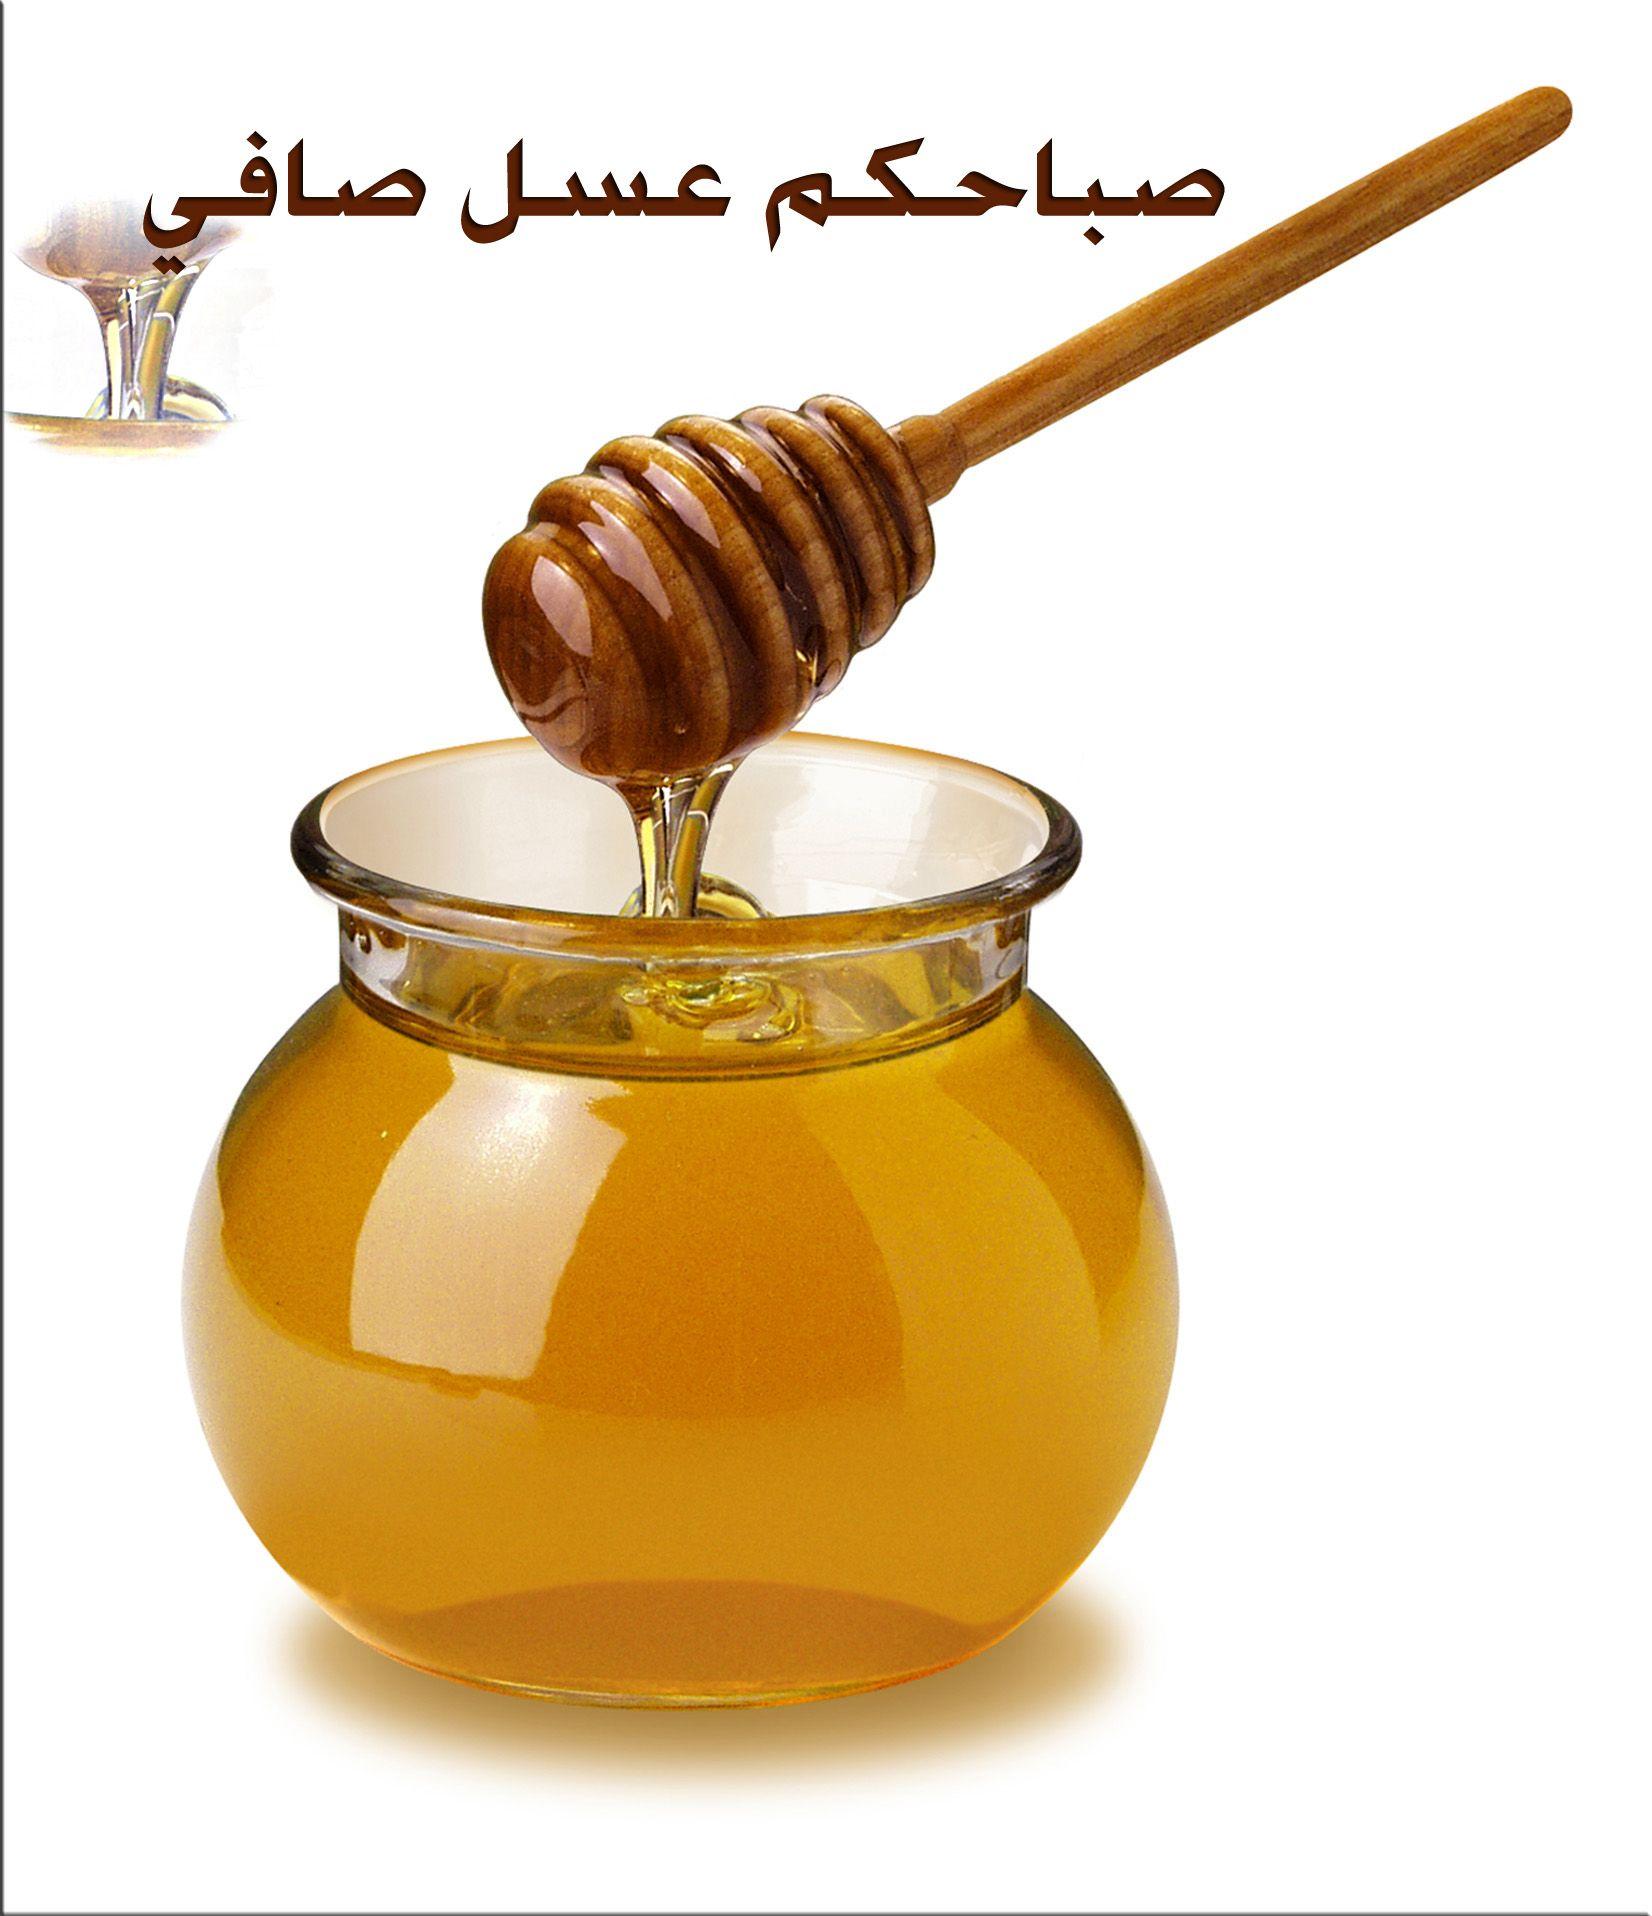 بالصور صباح العسل , احلى صباح مع كلمات براقه 4701 8